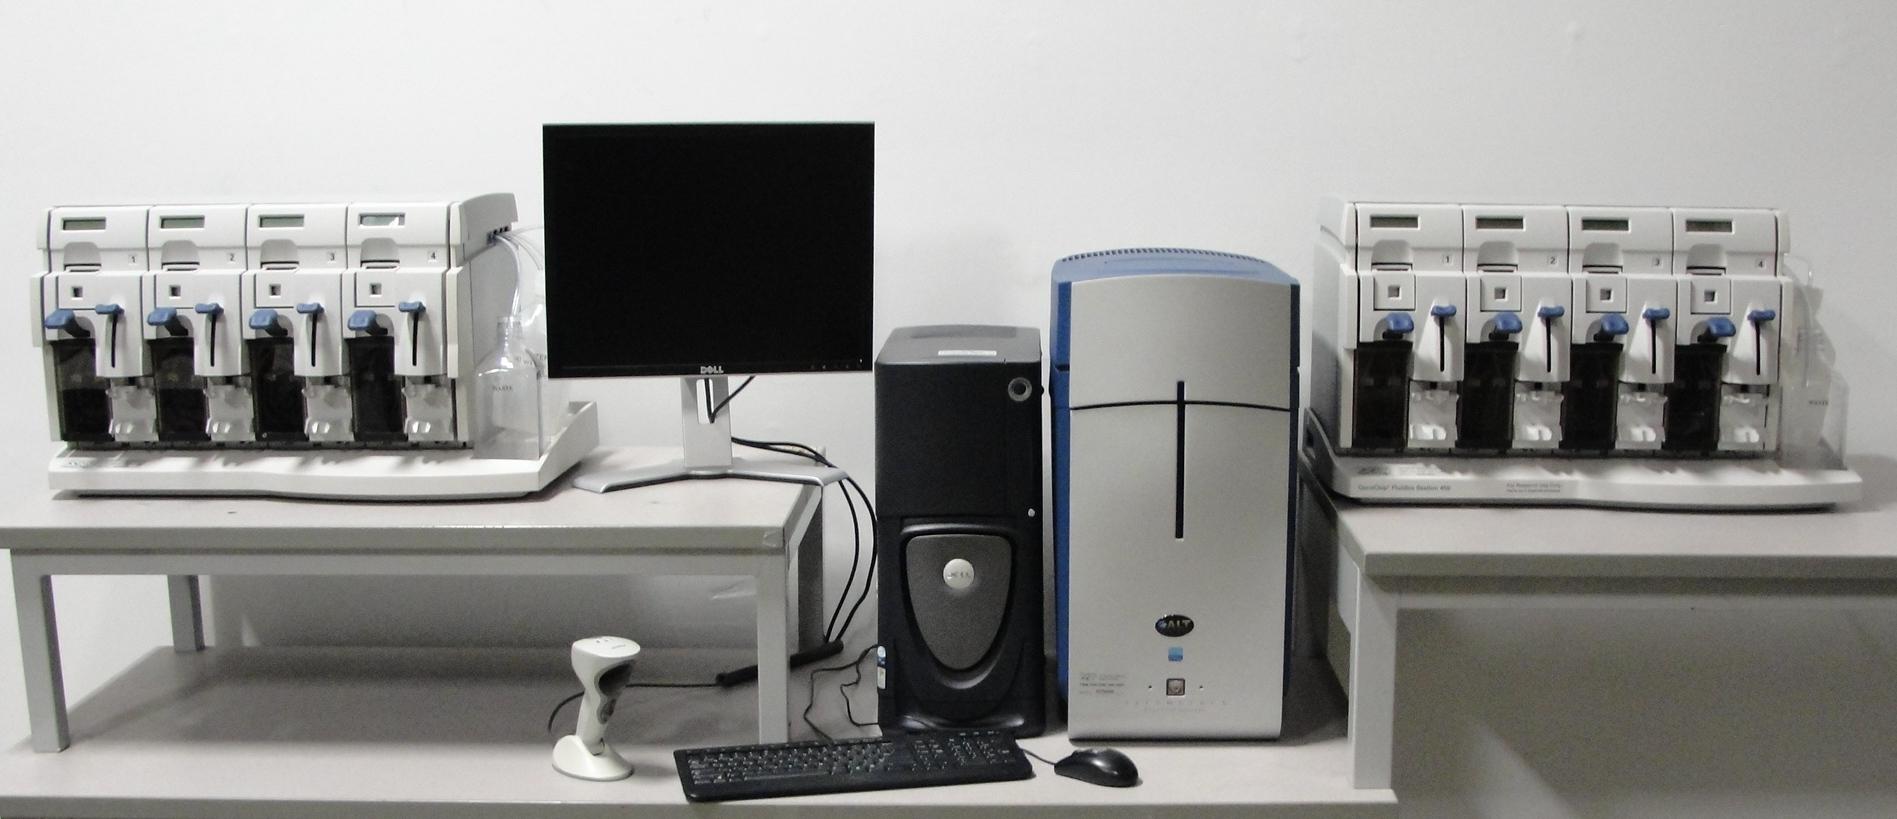 Refurbished Affymetrix Genechip Scanner 3000 7g System